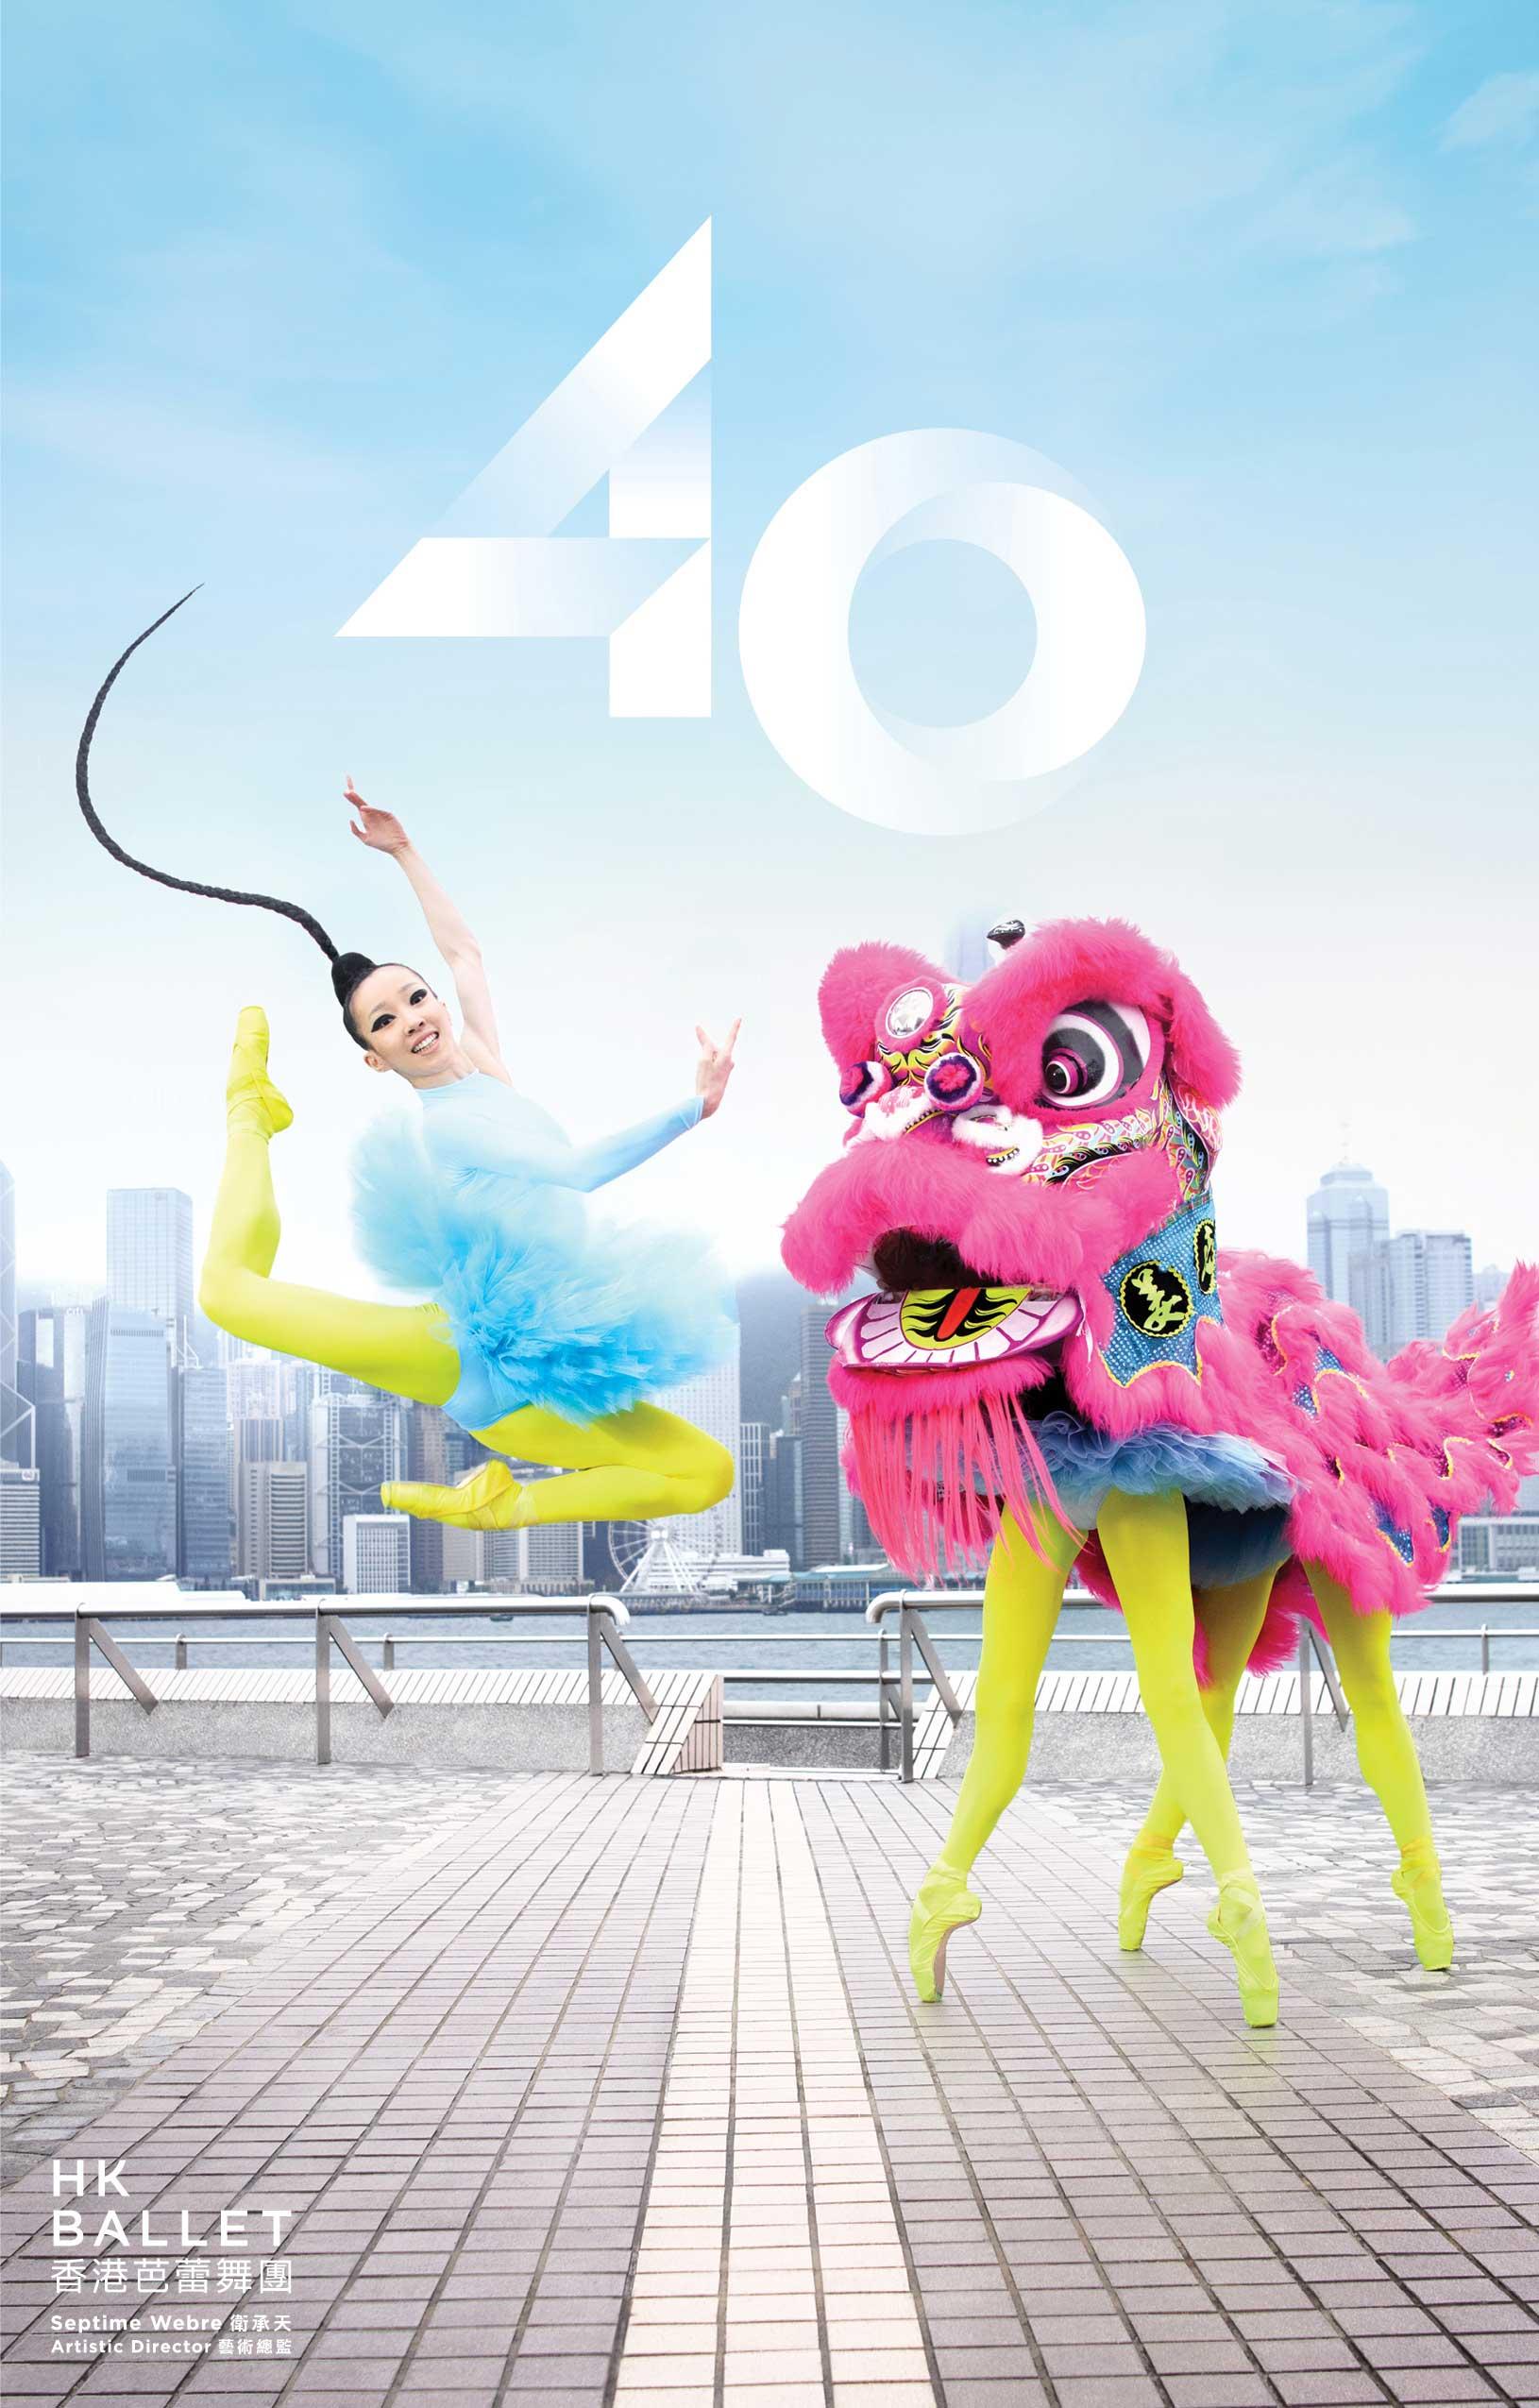 Cooles Video zu 40 Jahren Hong Kong Ballett 40-jahre-hong-kong-ballett_01